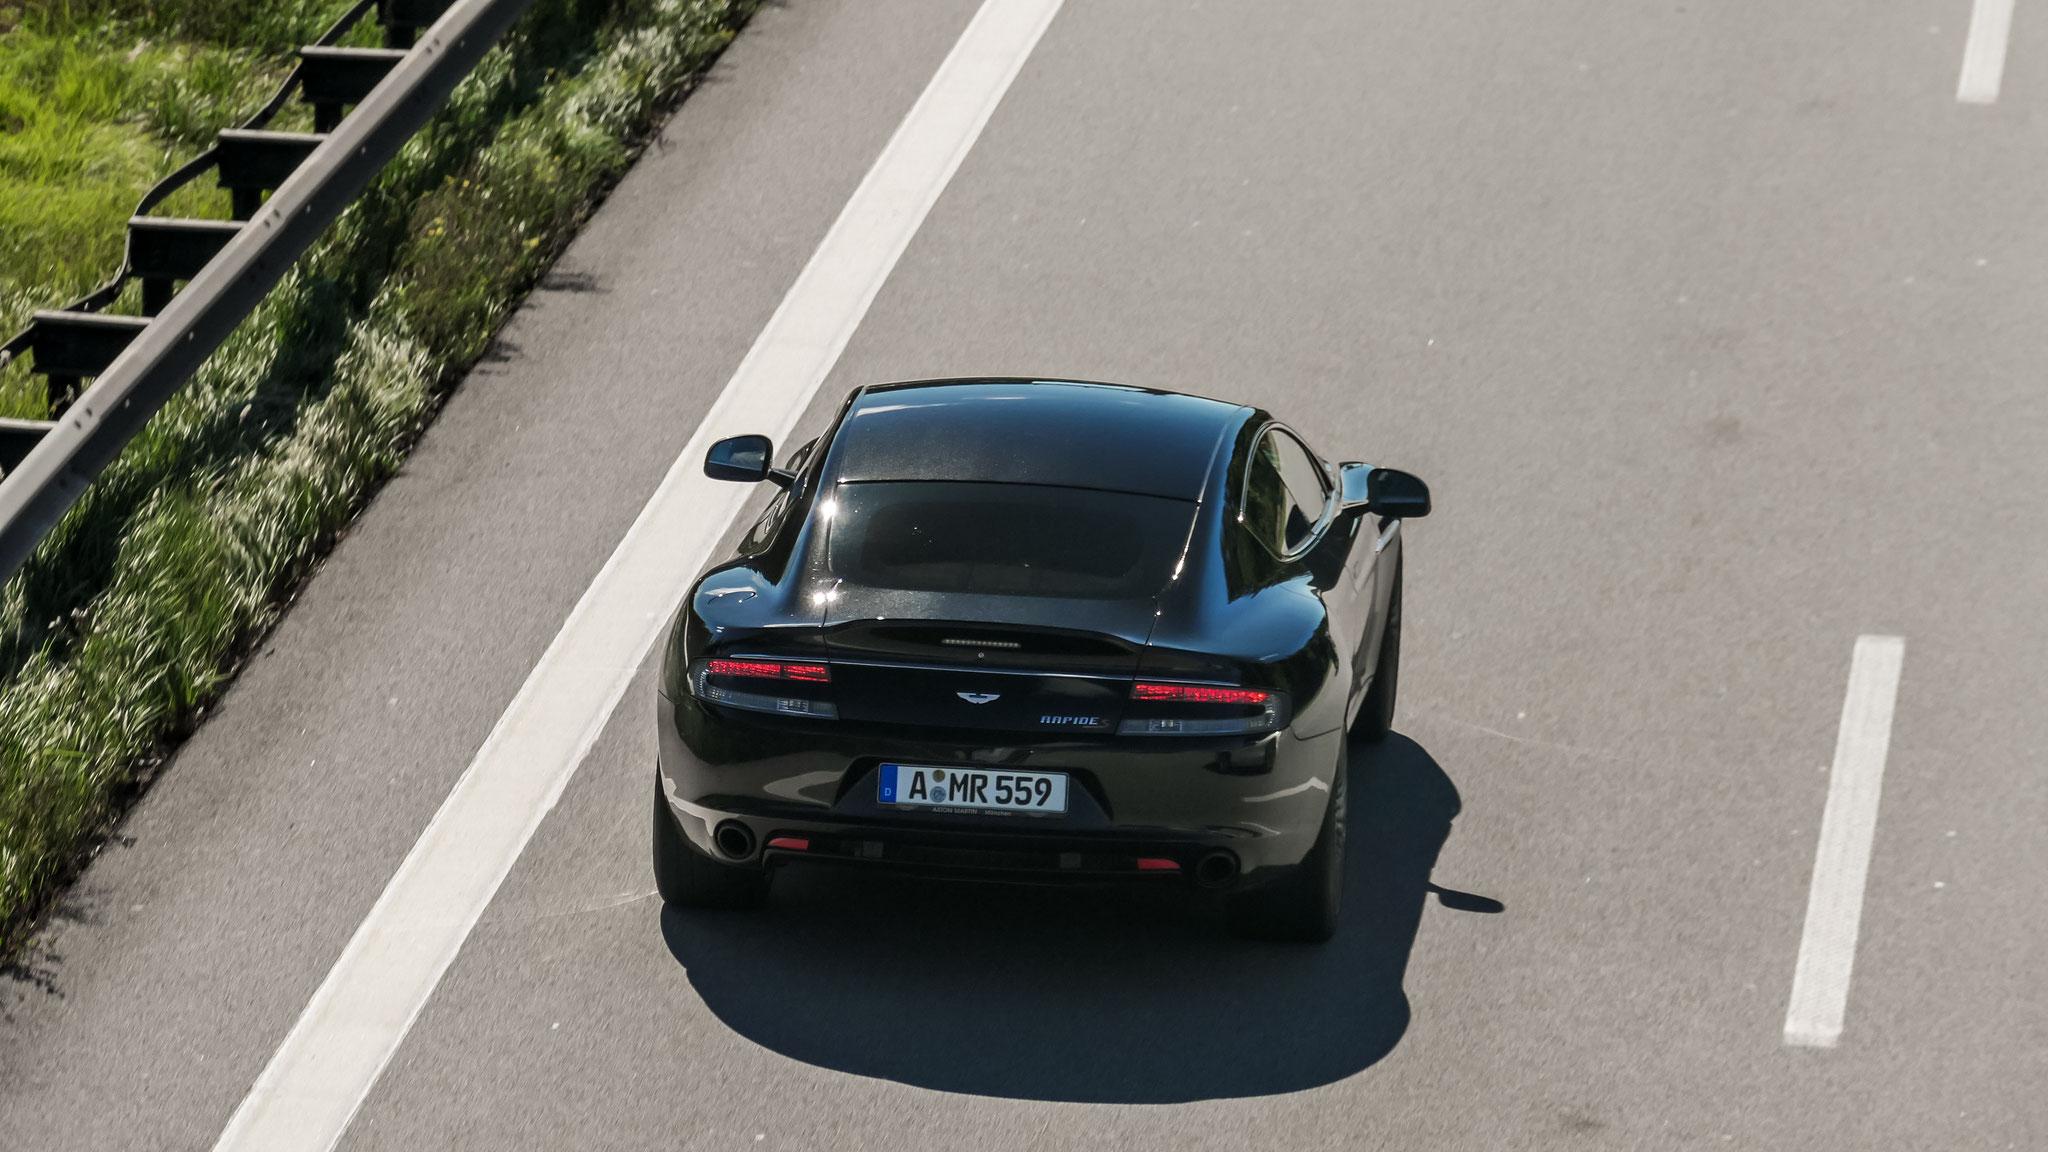 Aston Martin Rapide S - A-MR-559